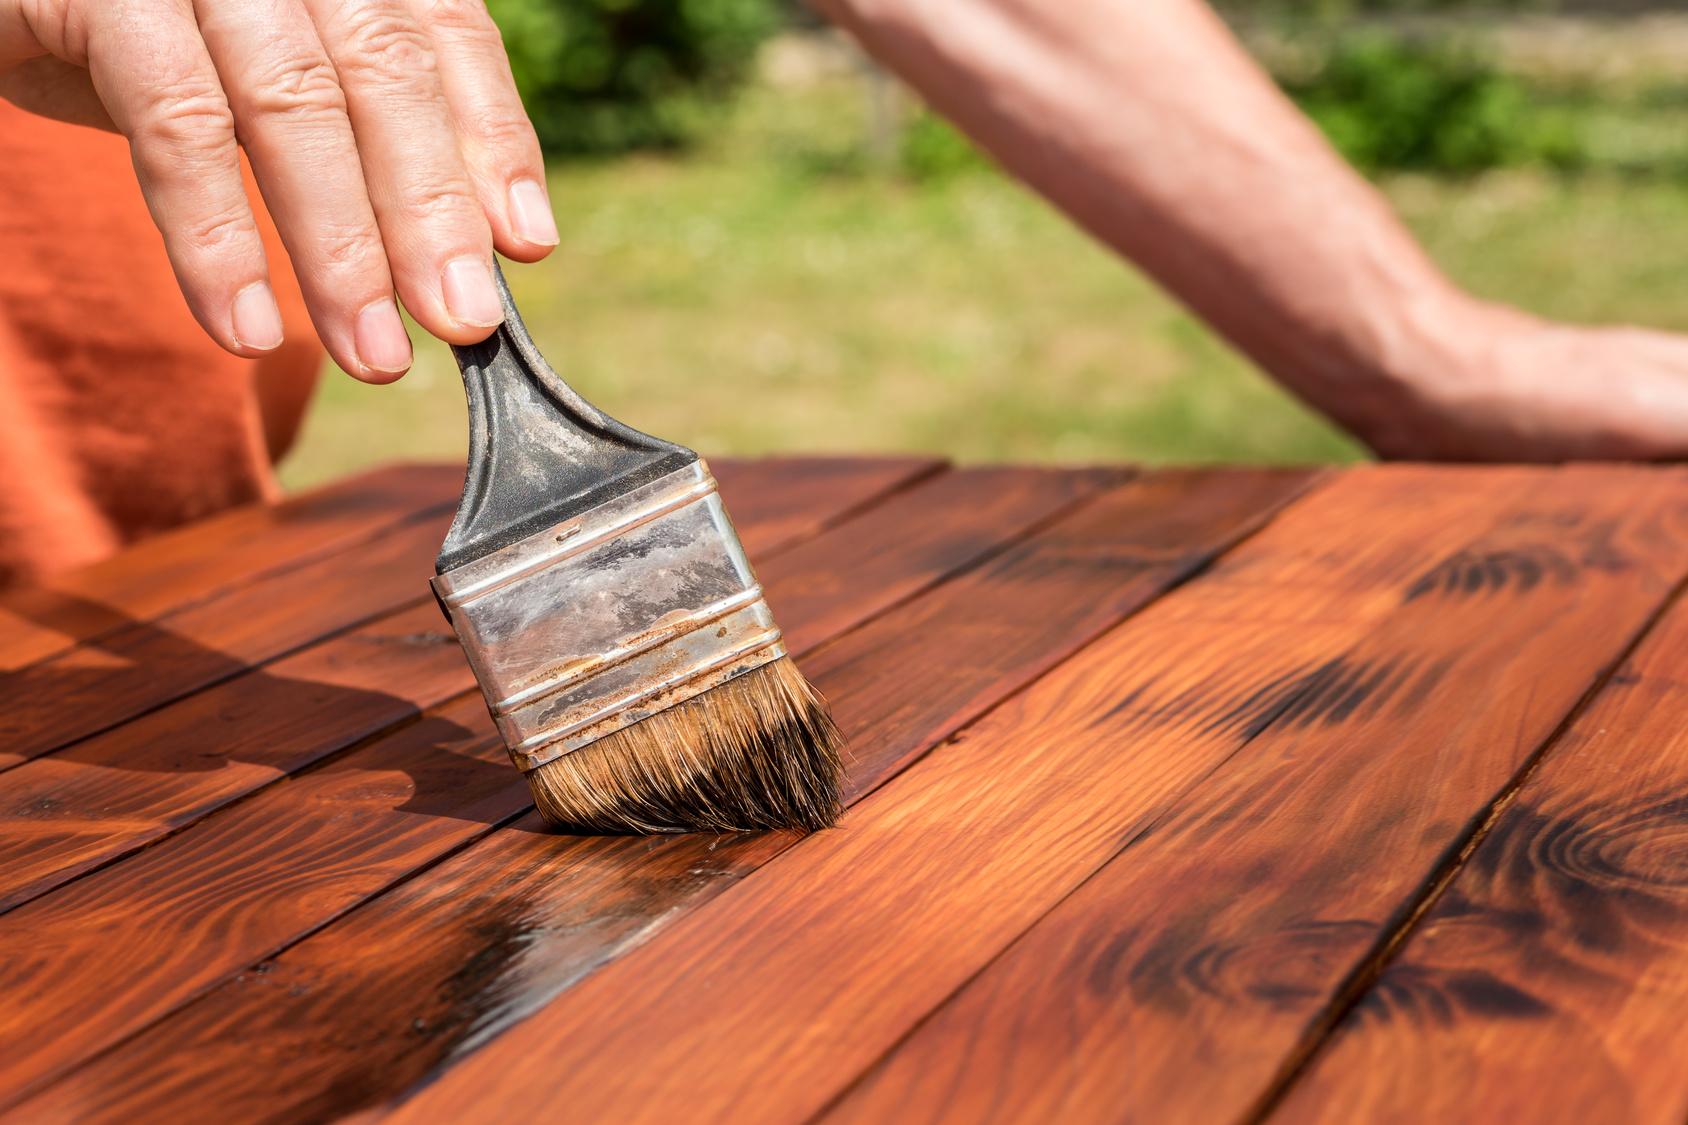 Peinture Résine Pour Meuble En Bois peindre un meuble en bois : comment optimiser le rendu final ?